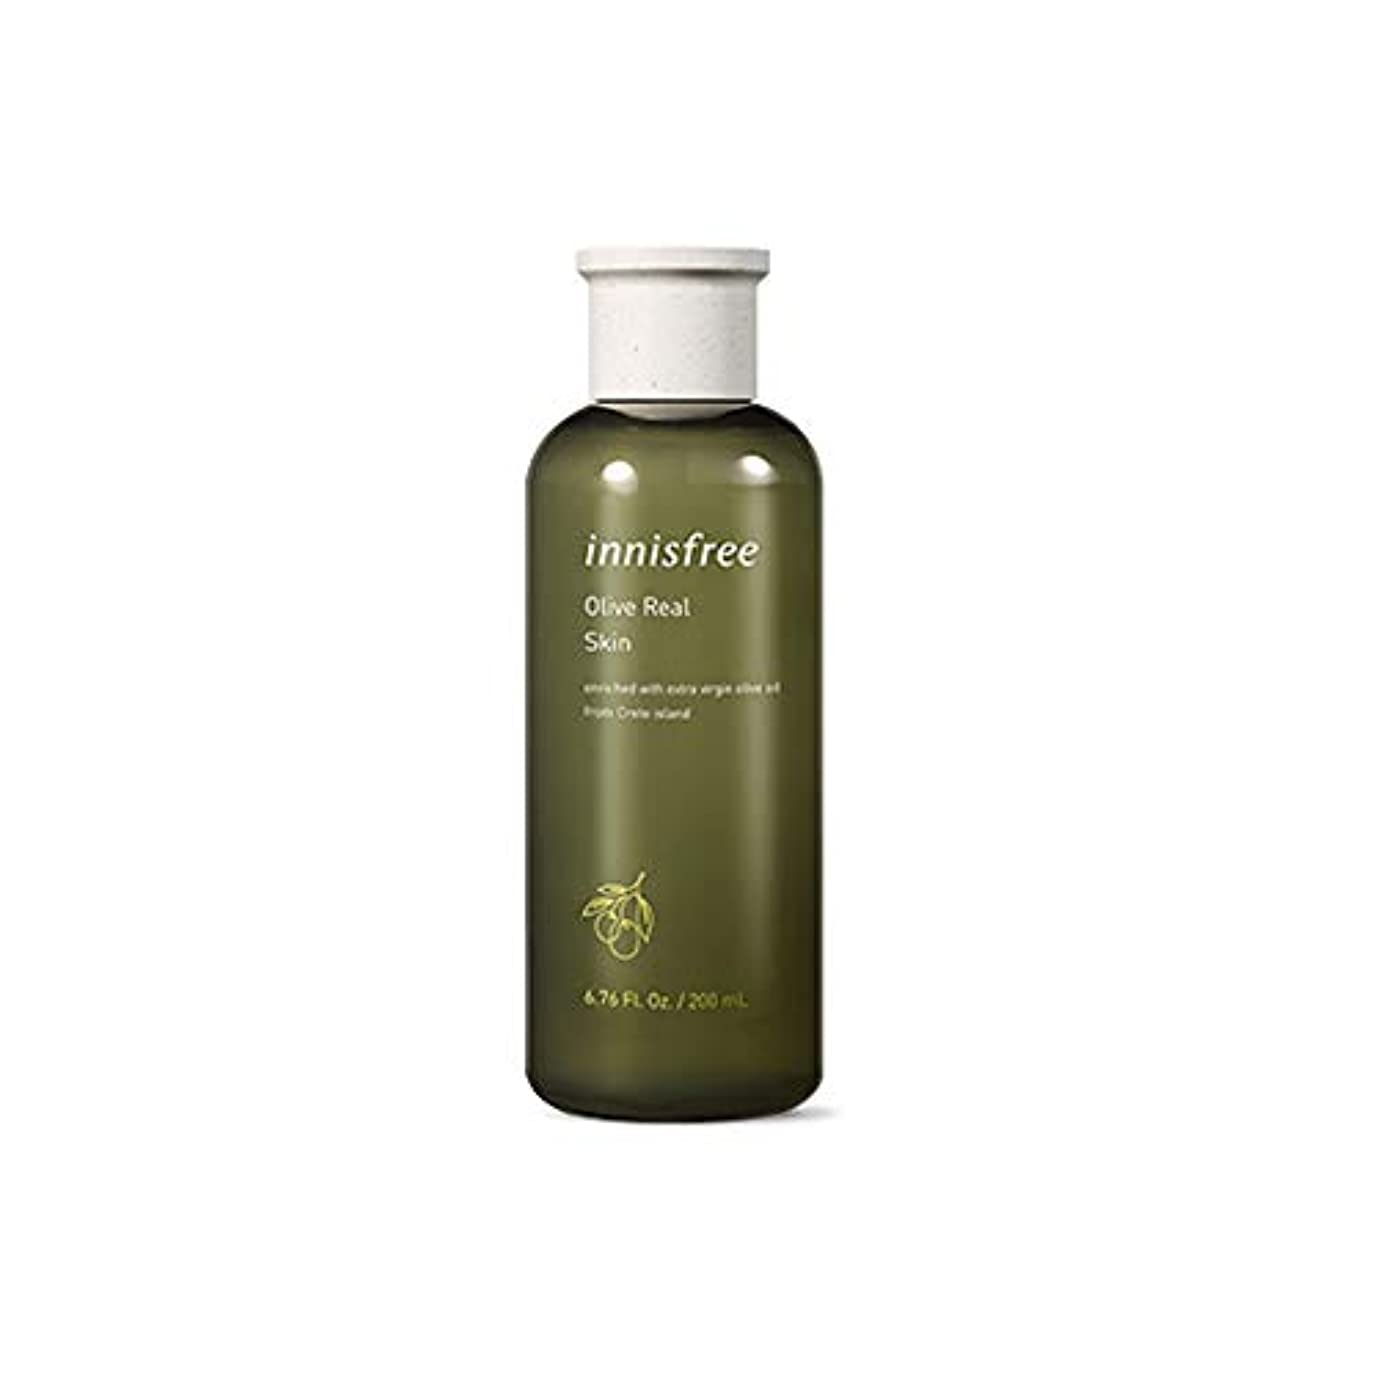 一目自由メリーNEW[イニスフリー] Innisfree オリーブ リアル スキンEX (200ml) Innisfree Olive Real Skin EX(200ml) [海外直送品]